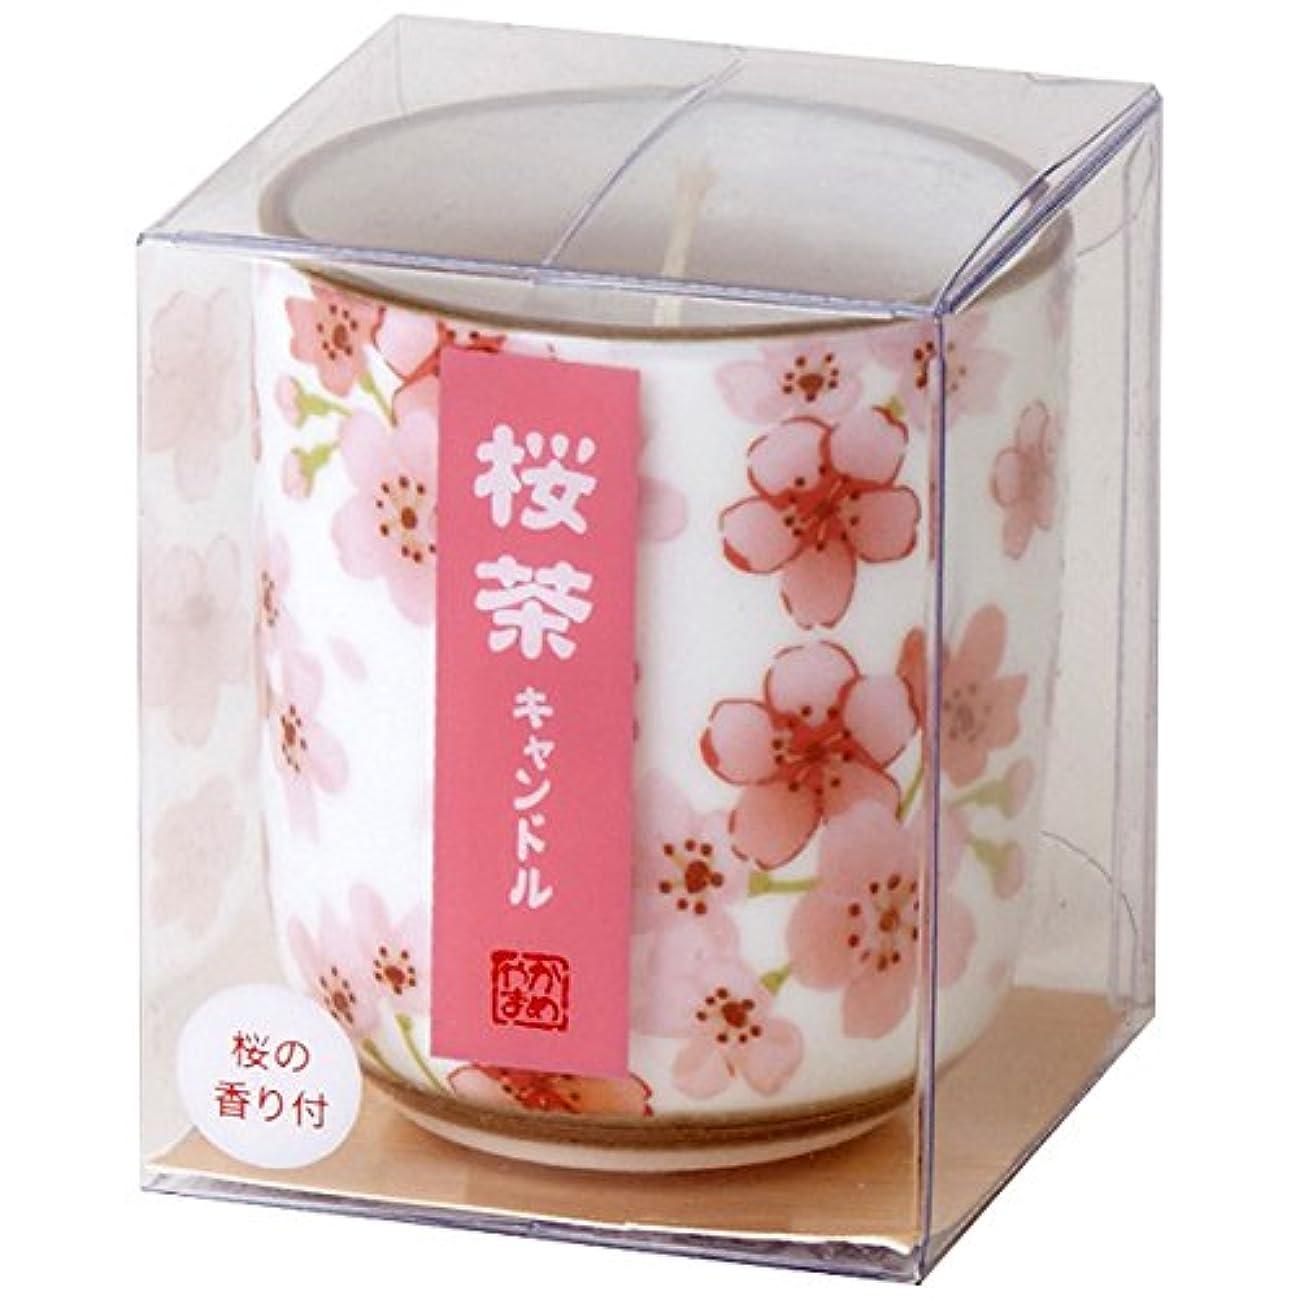 穴仕様グリット桜茶キャンドル(小) 86580010